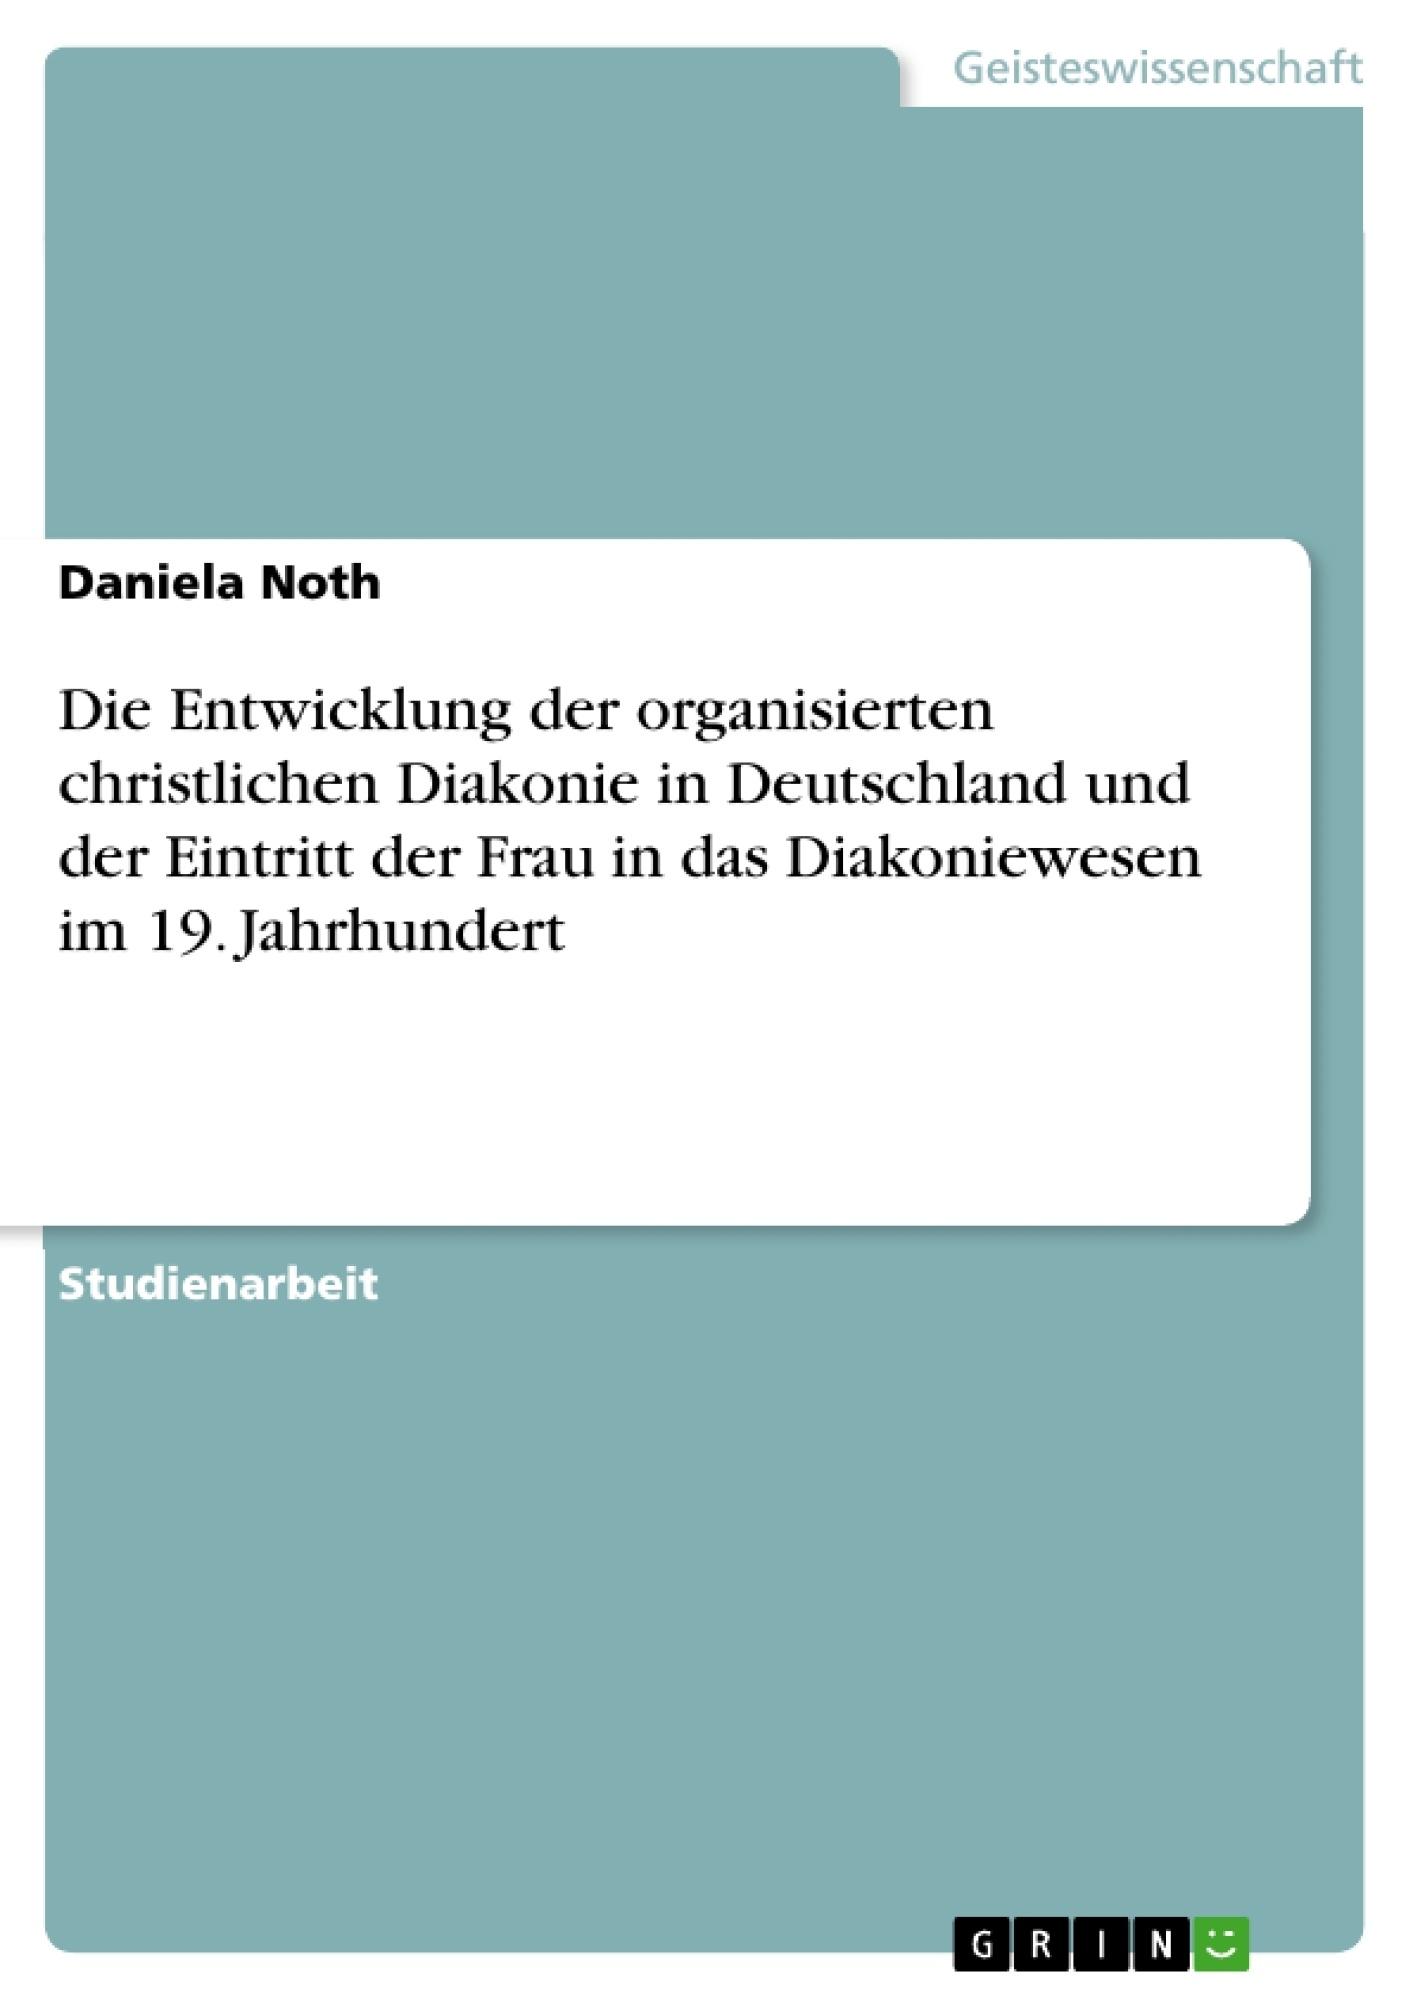 Titel: Die Entwicklung der organisierten christlichen Diakonie in Deutschland und der Eintritt der Frau in das Diakoniewesen im 19. Jahrhundert